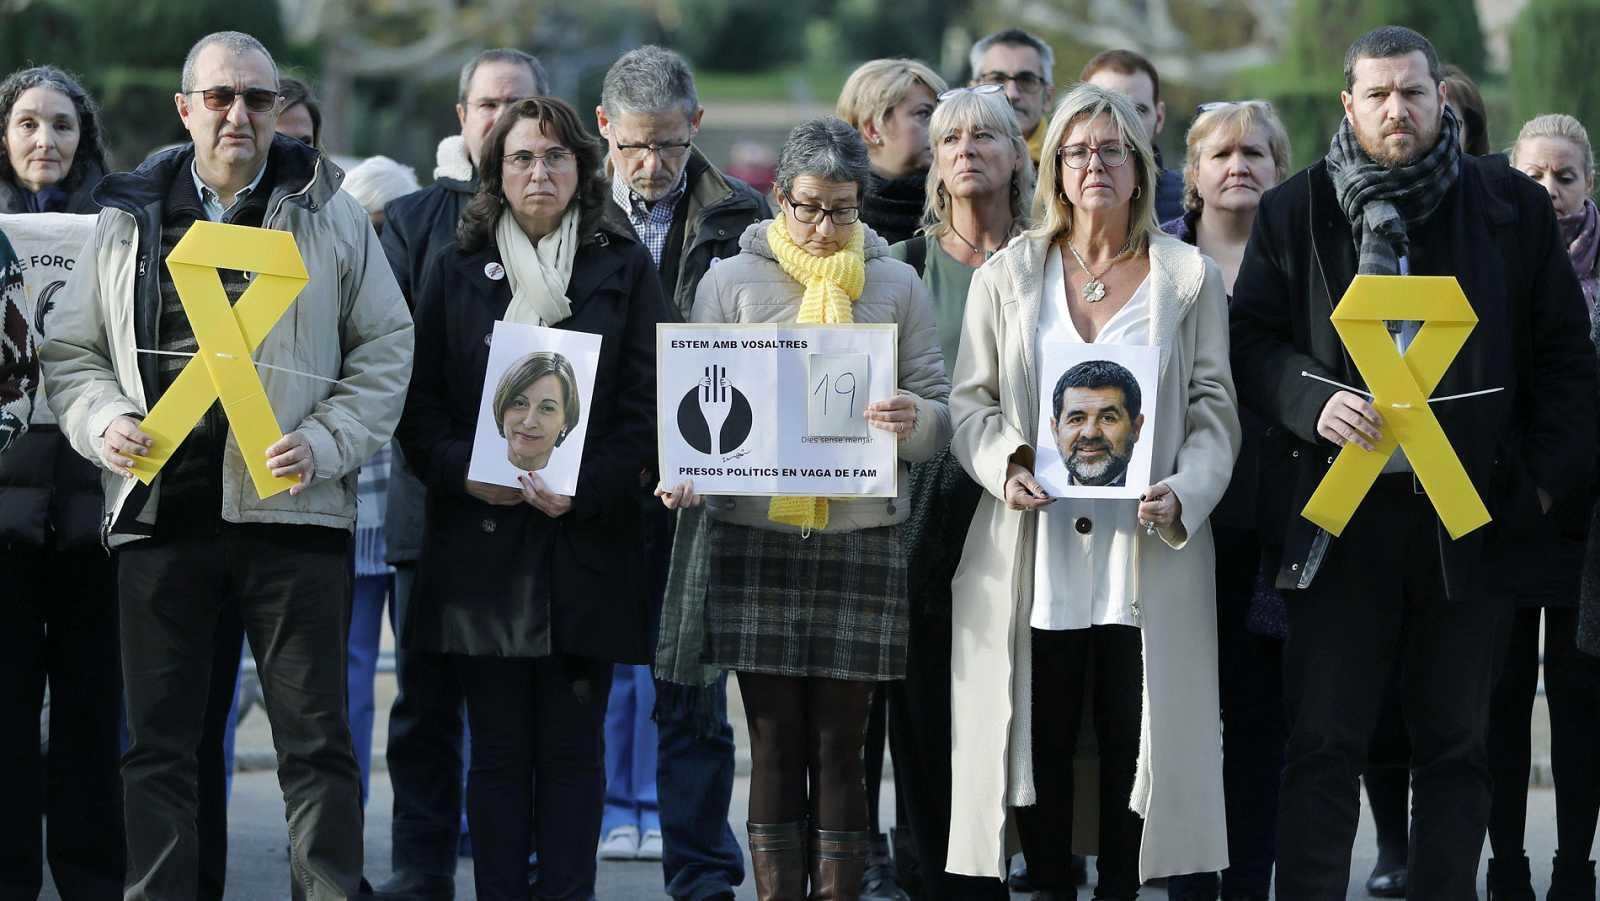 Comunicado de los políticos presos anunciando que dejan la huelga de hambre